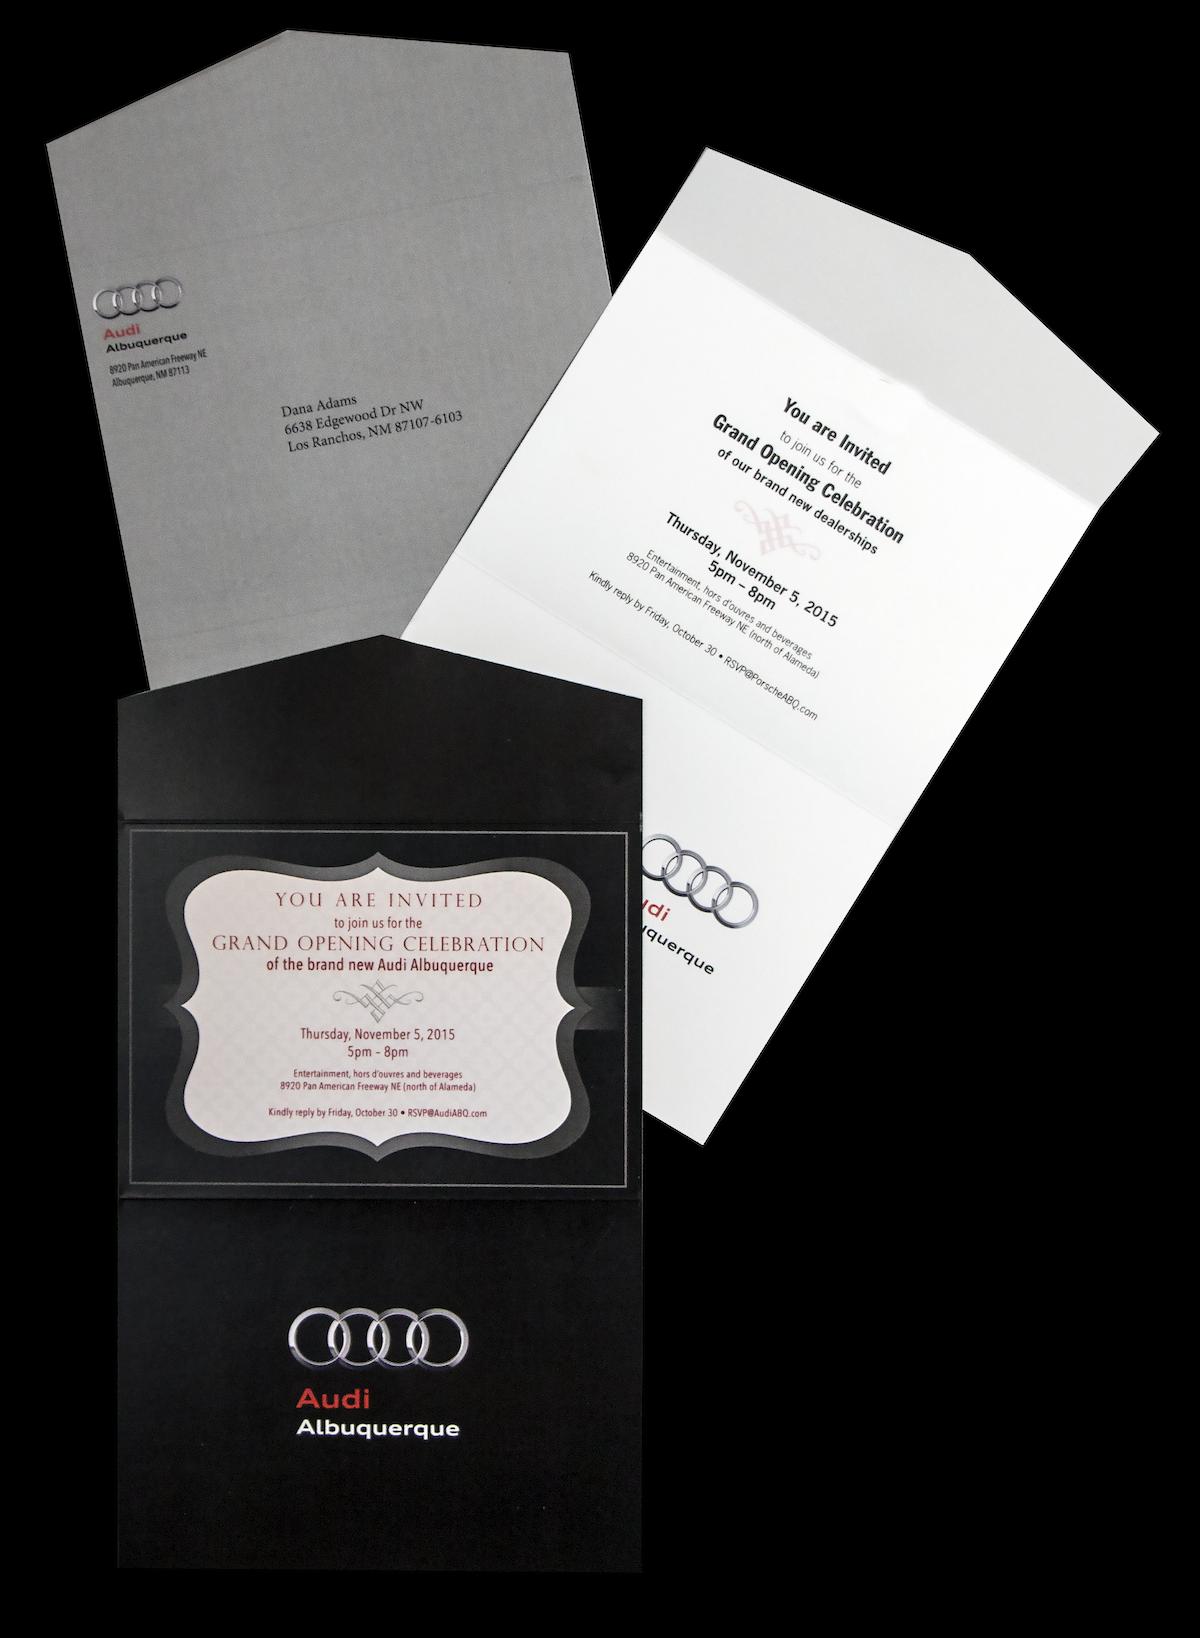 Audi Albuquerque Invitations Image